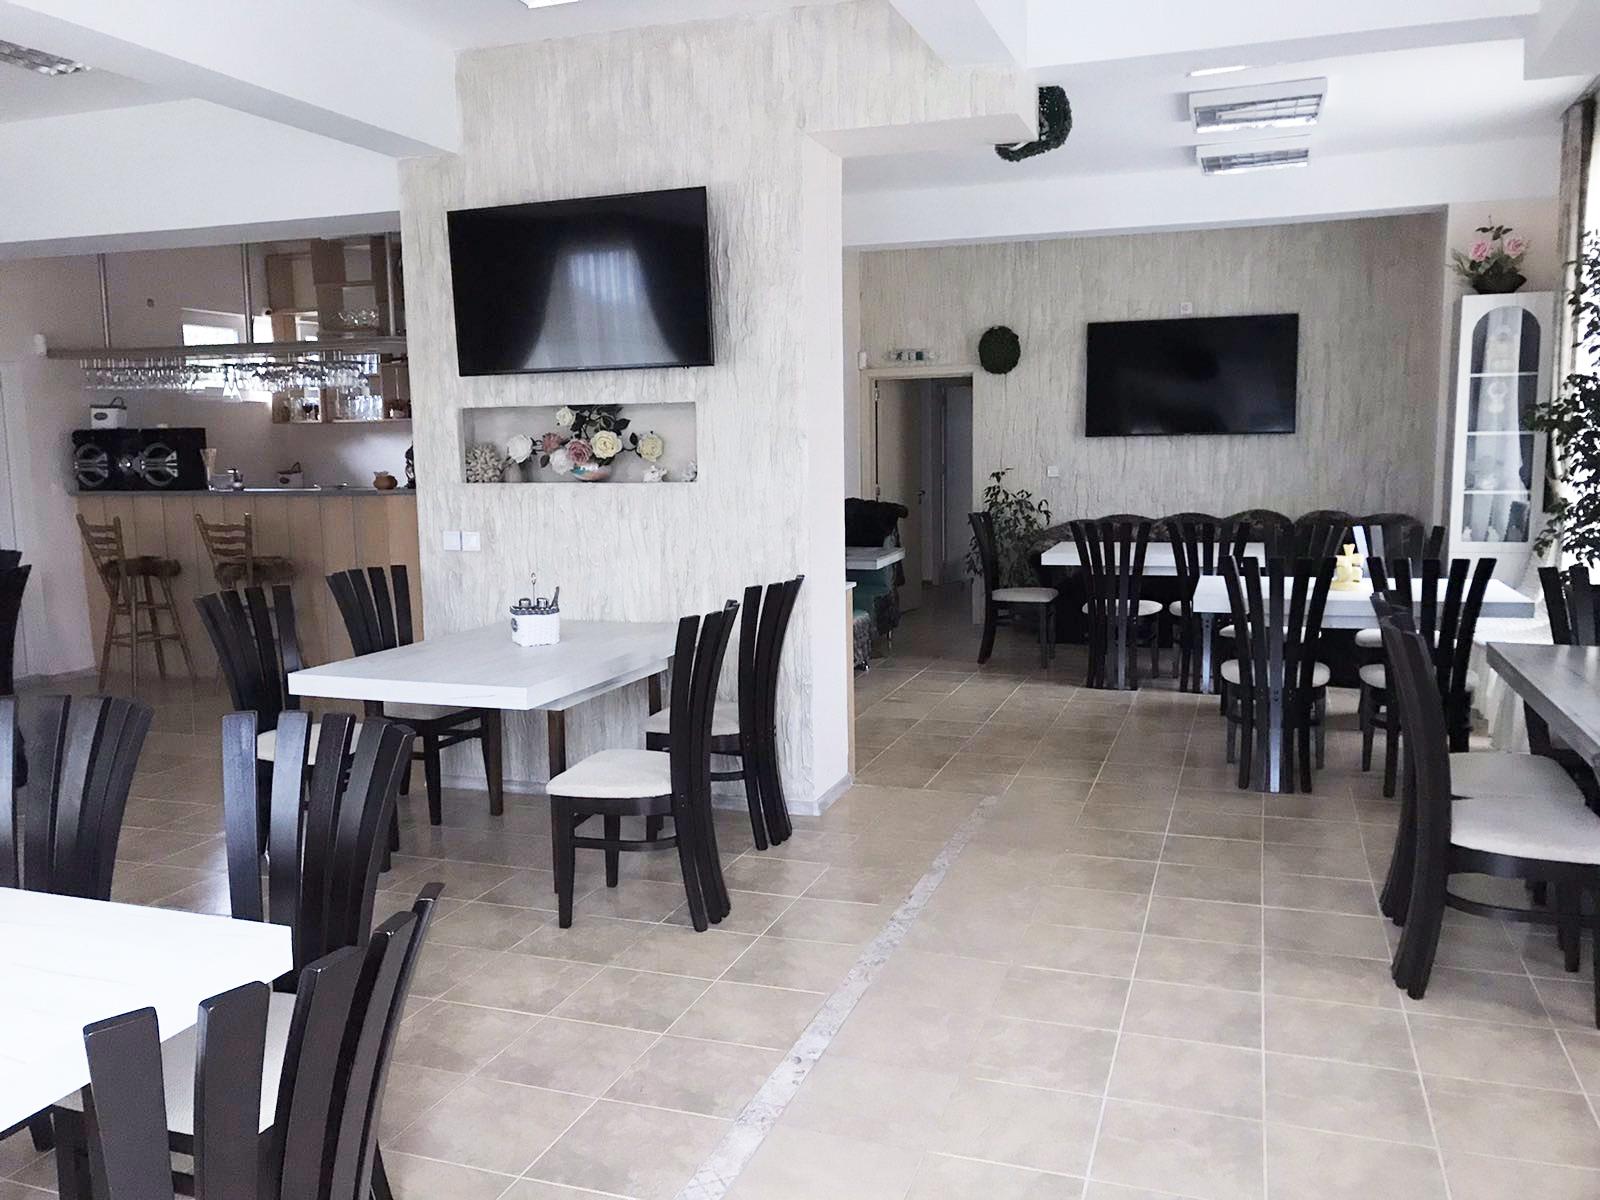 Нощувка с капацитет, до 15 човека + ползване на оборудван ресторант и зала за хранене от Семеен хотел Его, с. Минерални бани, снимка 9